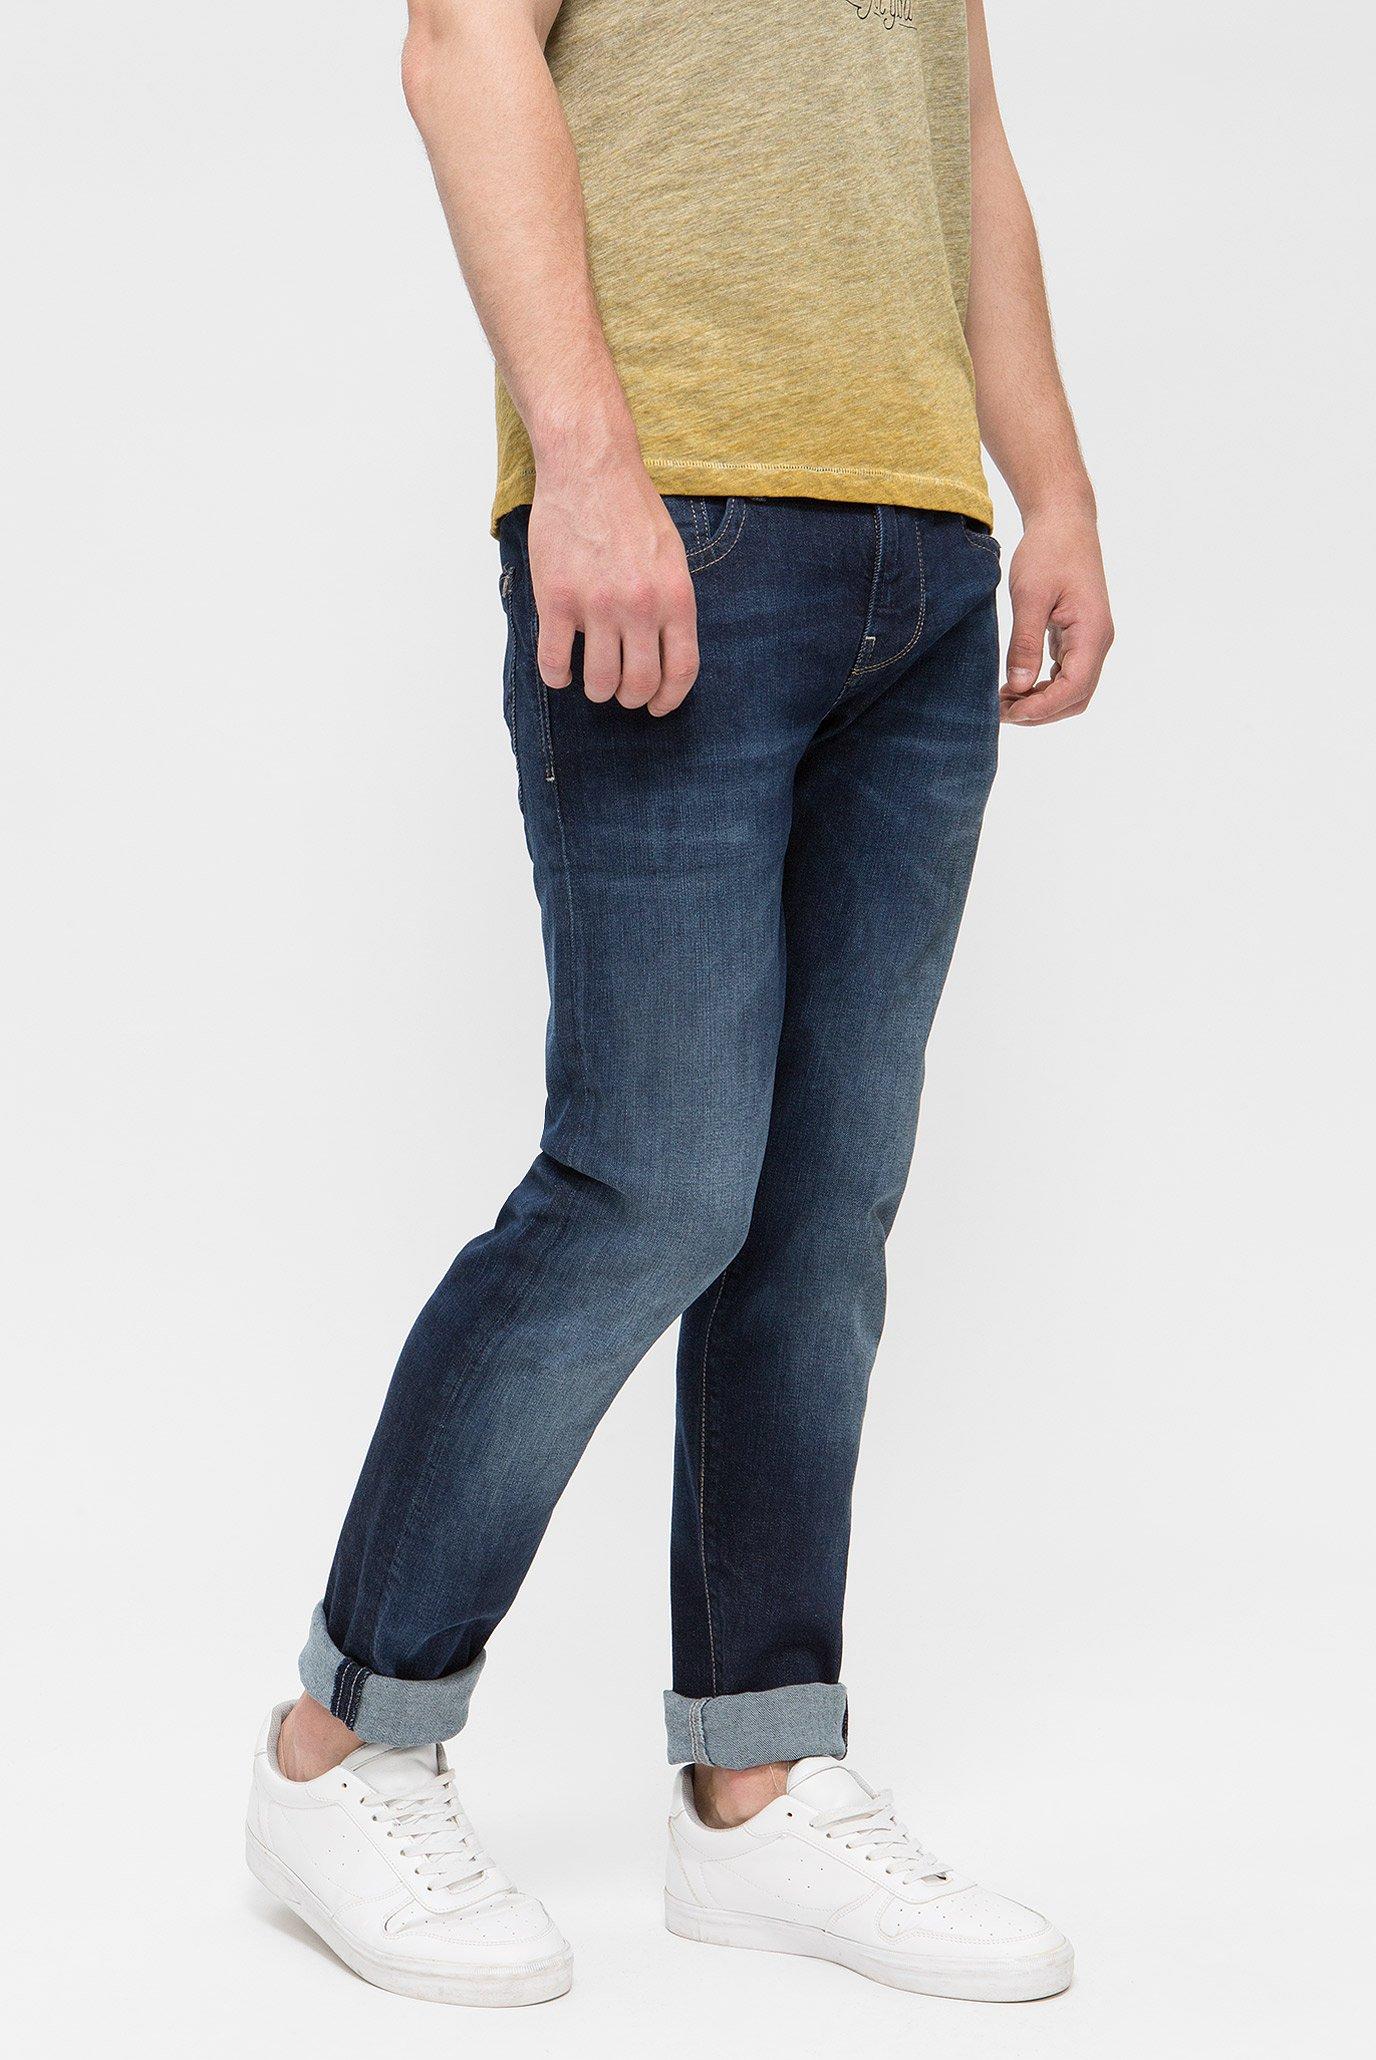 Купить Мужские темно-синие джинсы HATCH Pepe Jeans Pepe Jeans PM200823CH02 – Киев, Украина. Цены в интернет магазине MD Fashion